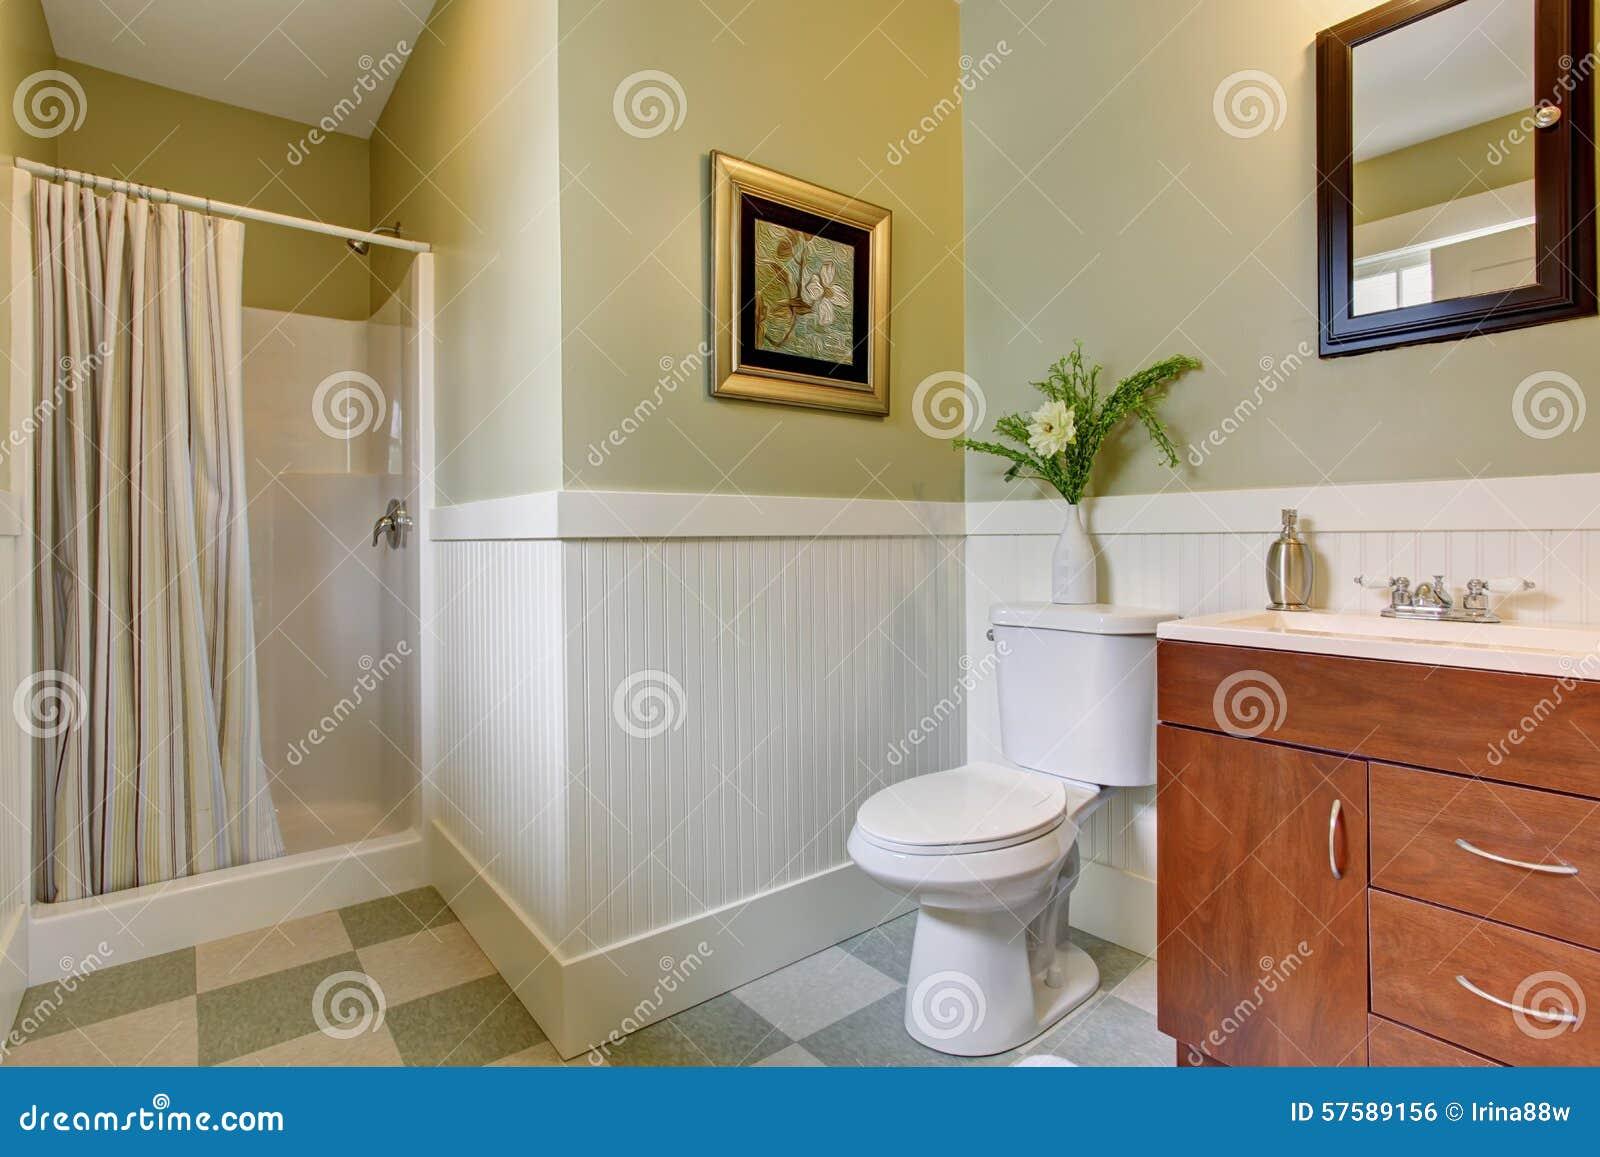 Bagno con la pavimentazione in piastrelle a quadretti e pareti bianche verdi fotografia stock - Piastrelle bianche bagno ...